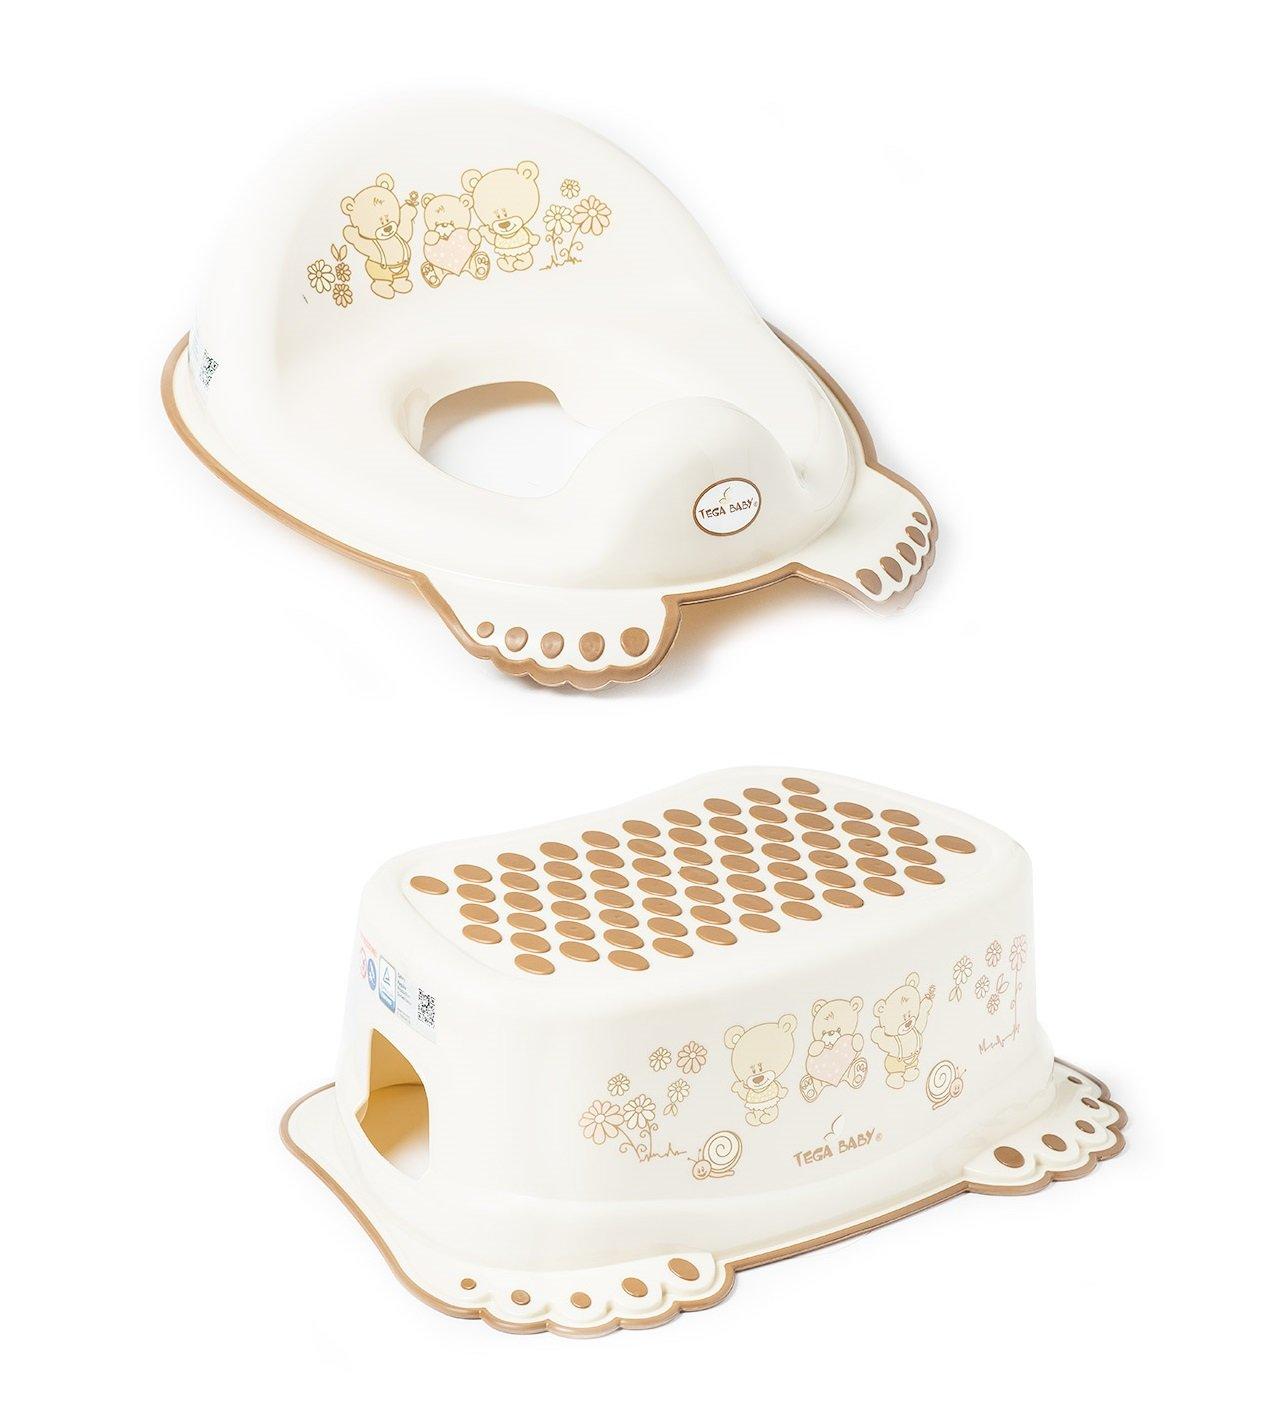 Réducteur de toilette anti-dérapant + marchepied pour évier WC enfant bébé Tega Baby avec thème Ours couleur blanc perle